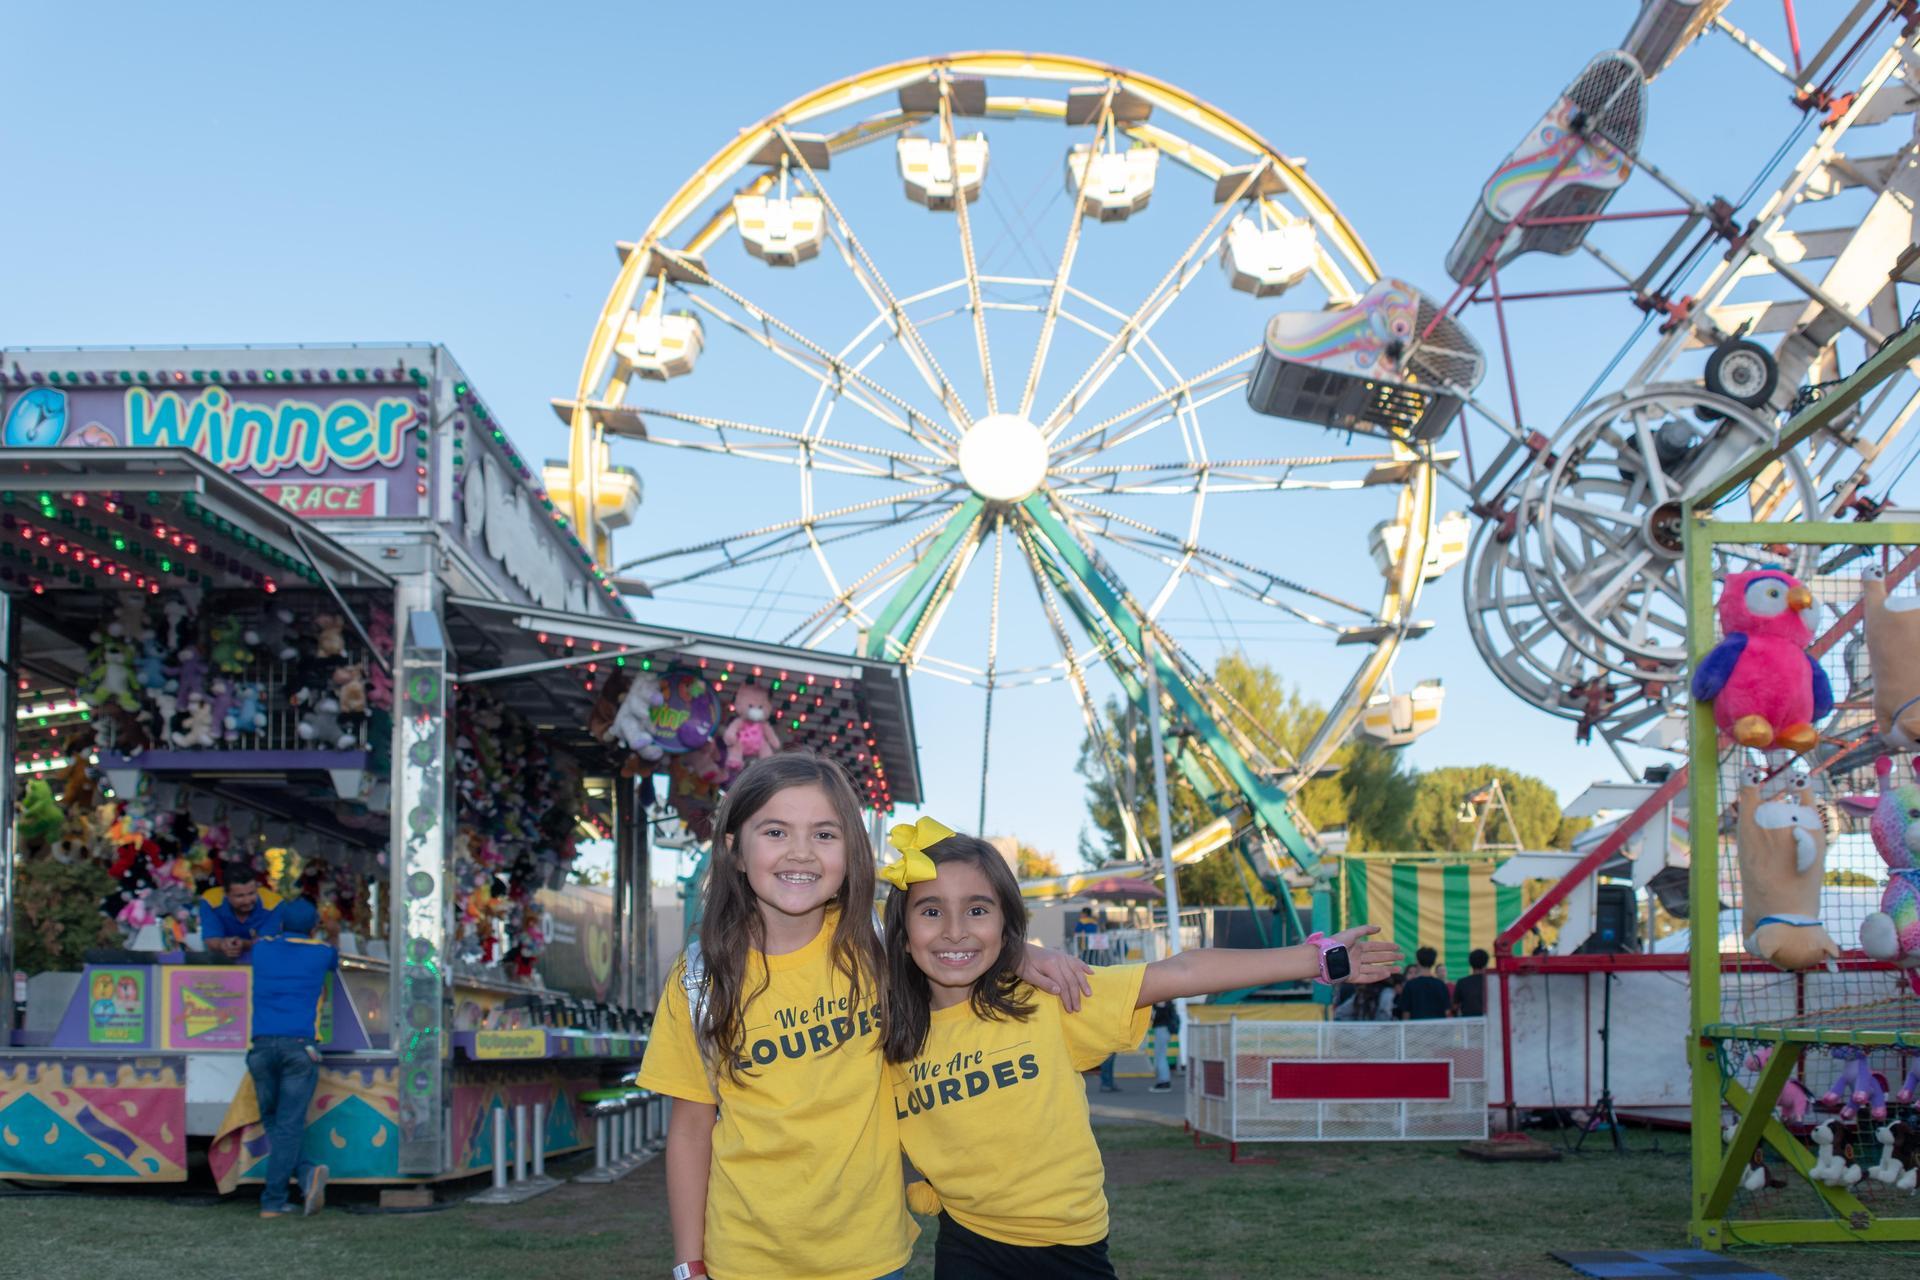 Festival Fun - Rides